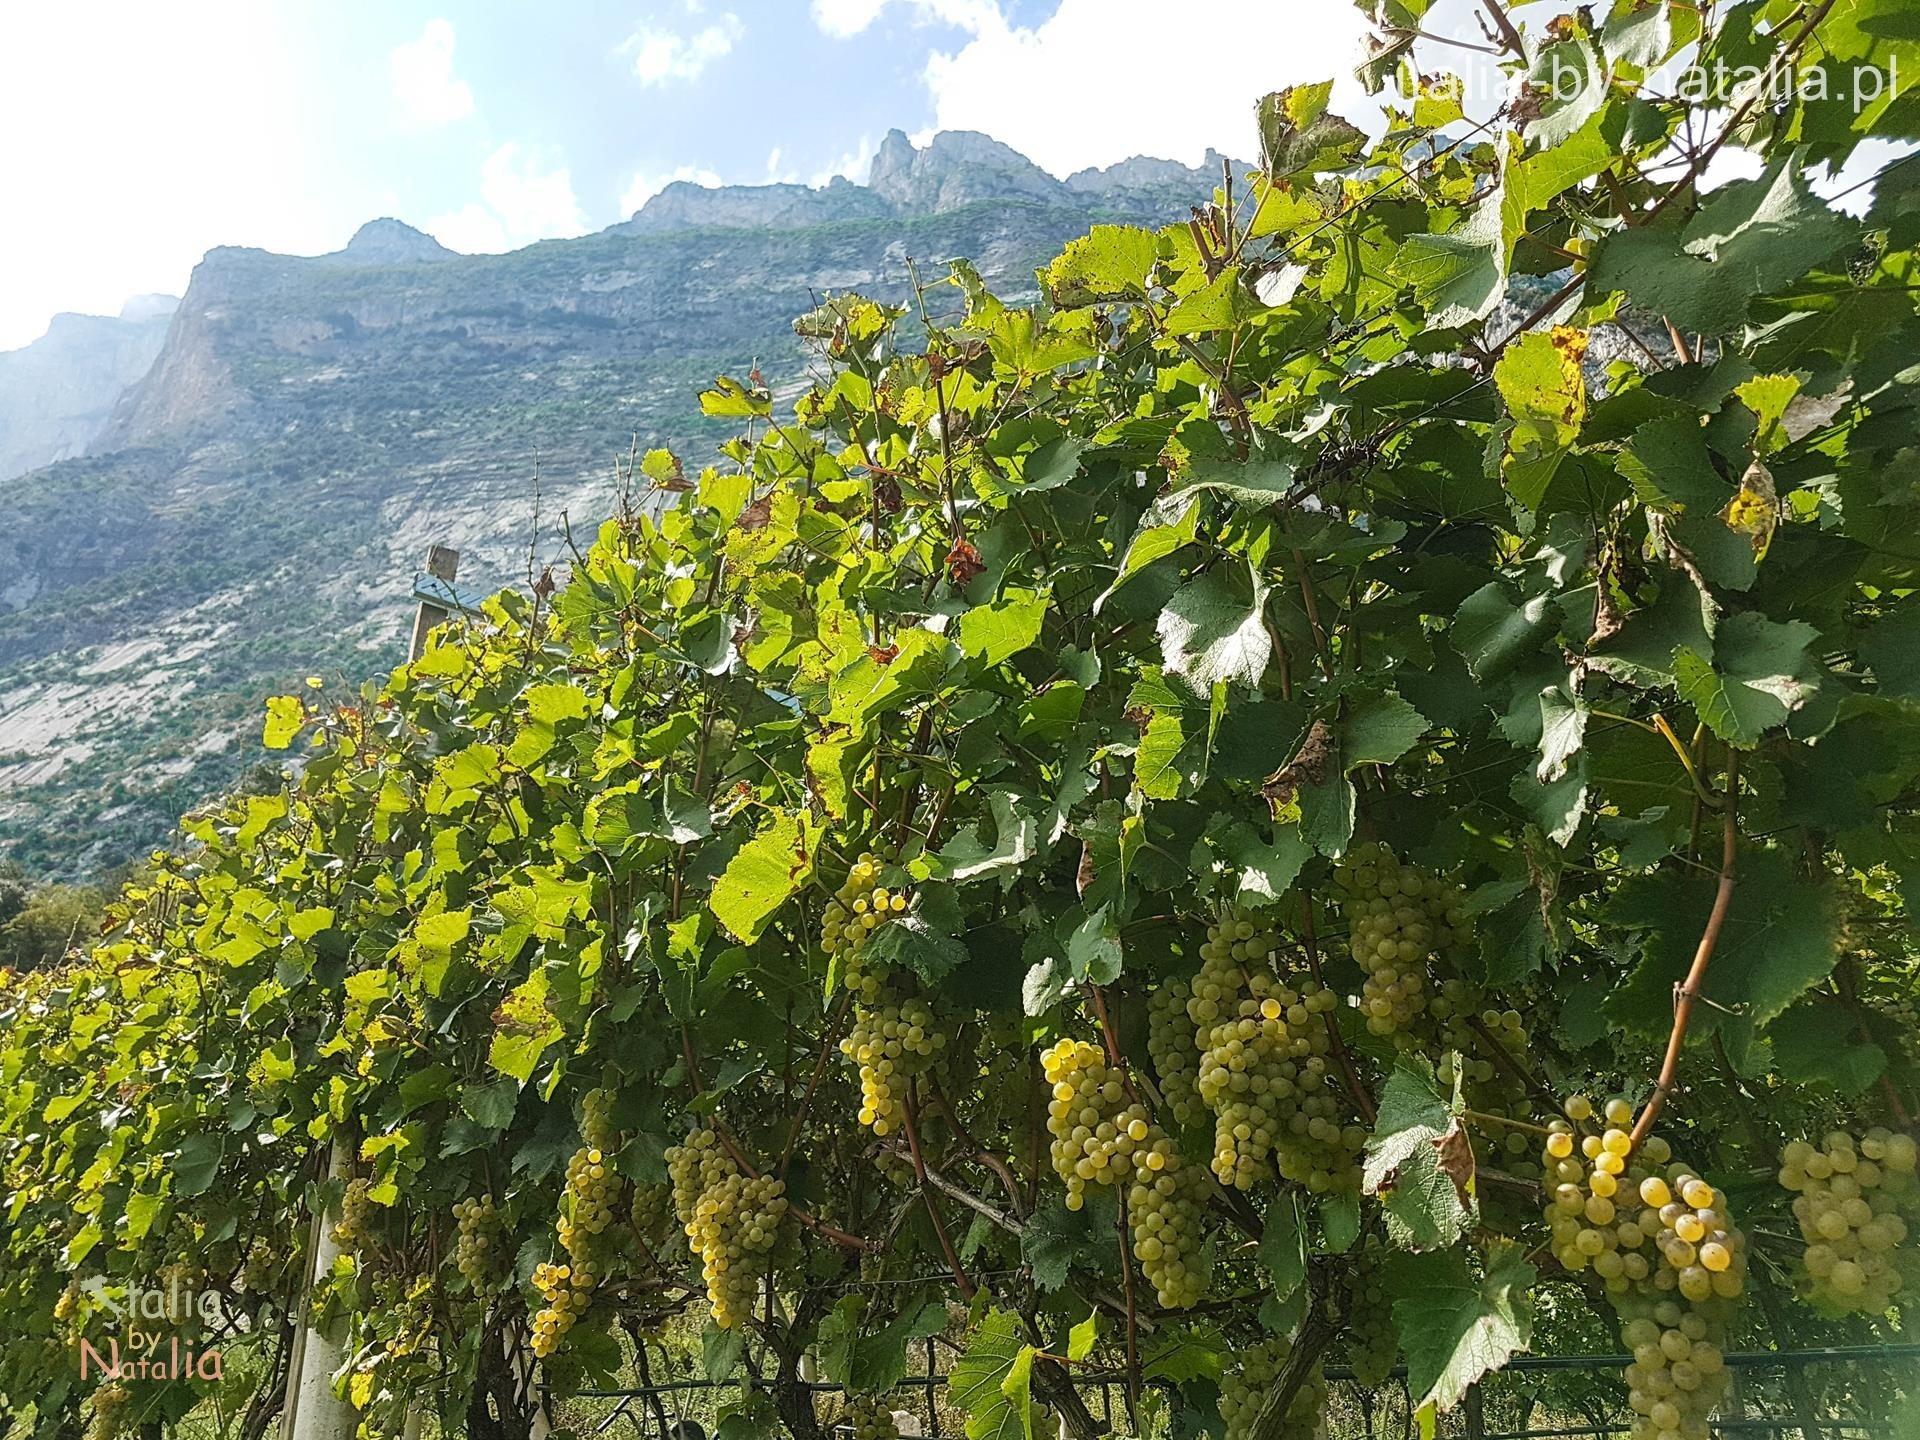 winica Trentino Sarca Riva del Garda Dro Arco góry